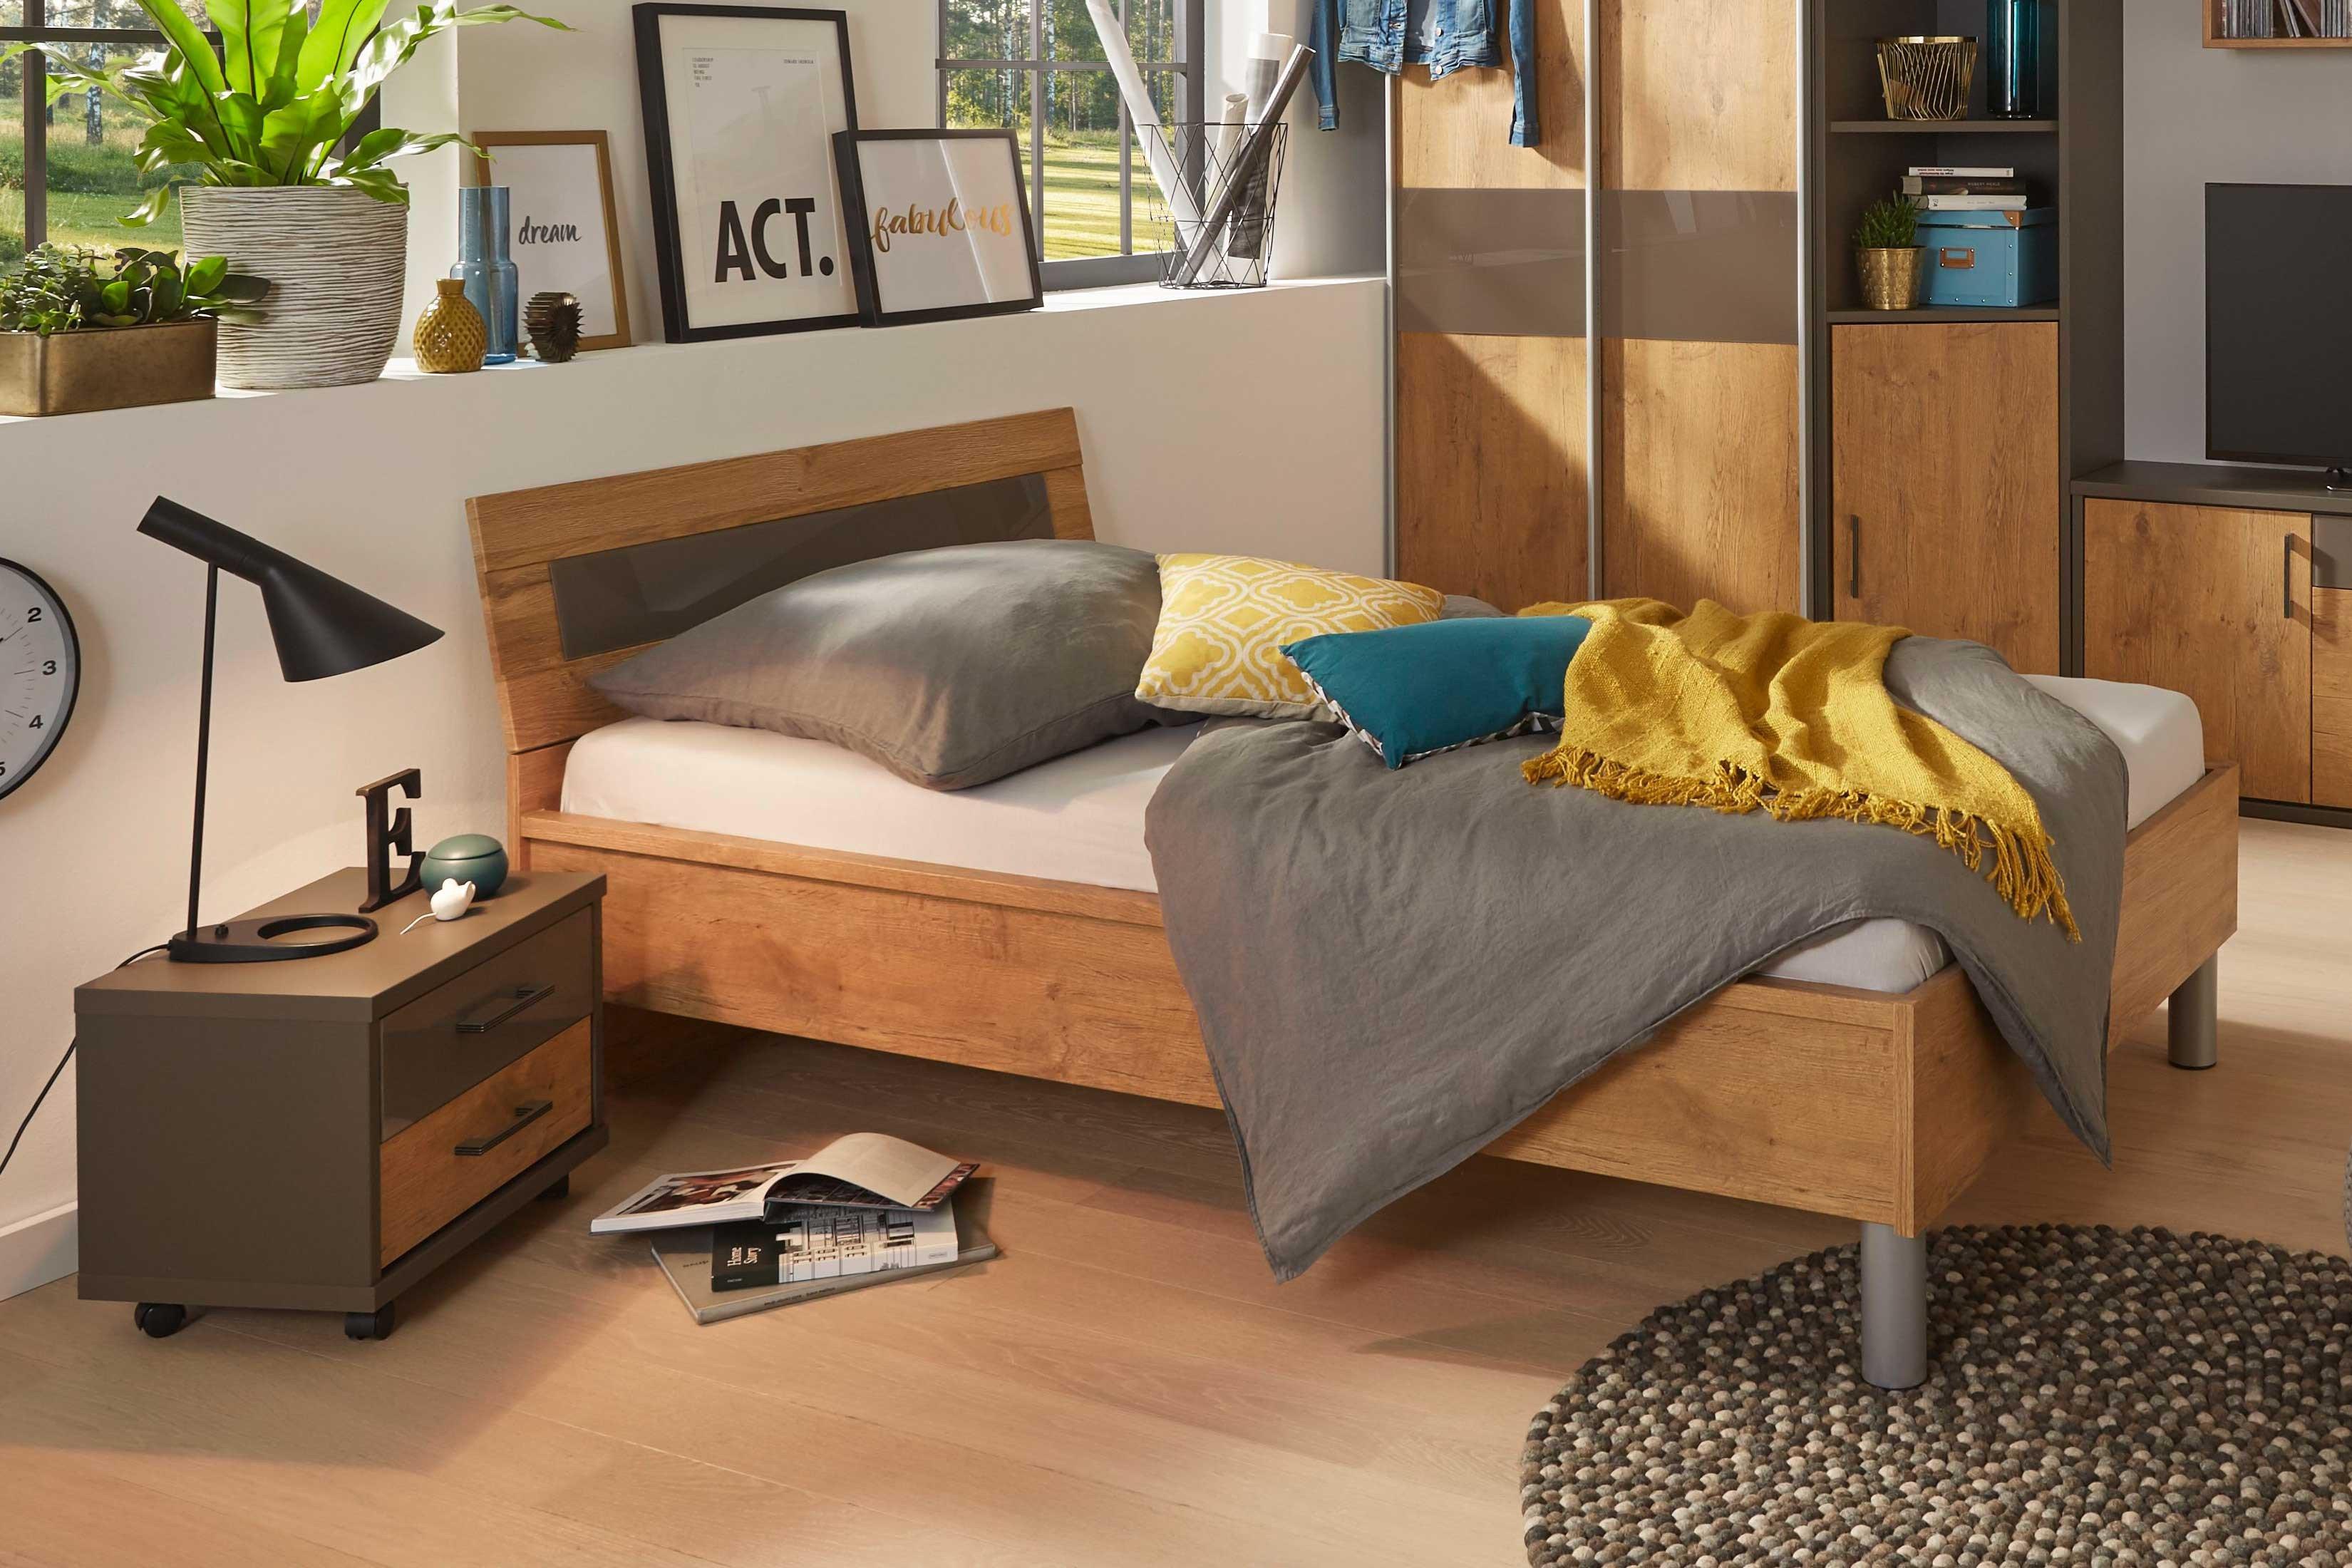 mbel preiss online shop latest sit mbel samba kaufen im borono online shop with mbel preiss. Black Bedroom Furniture Sets. Home Design Ideas